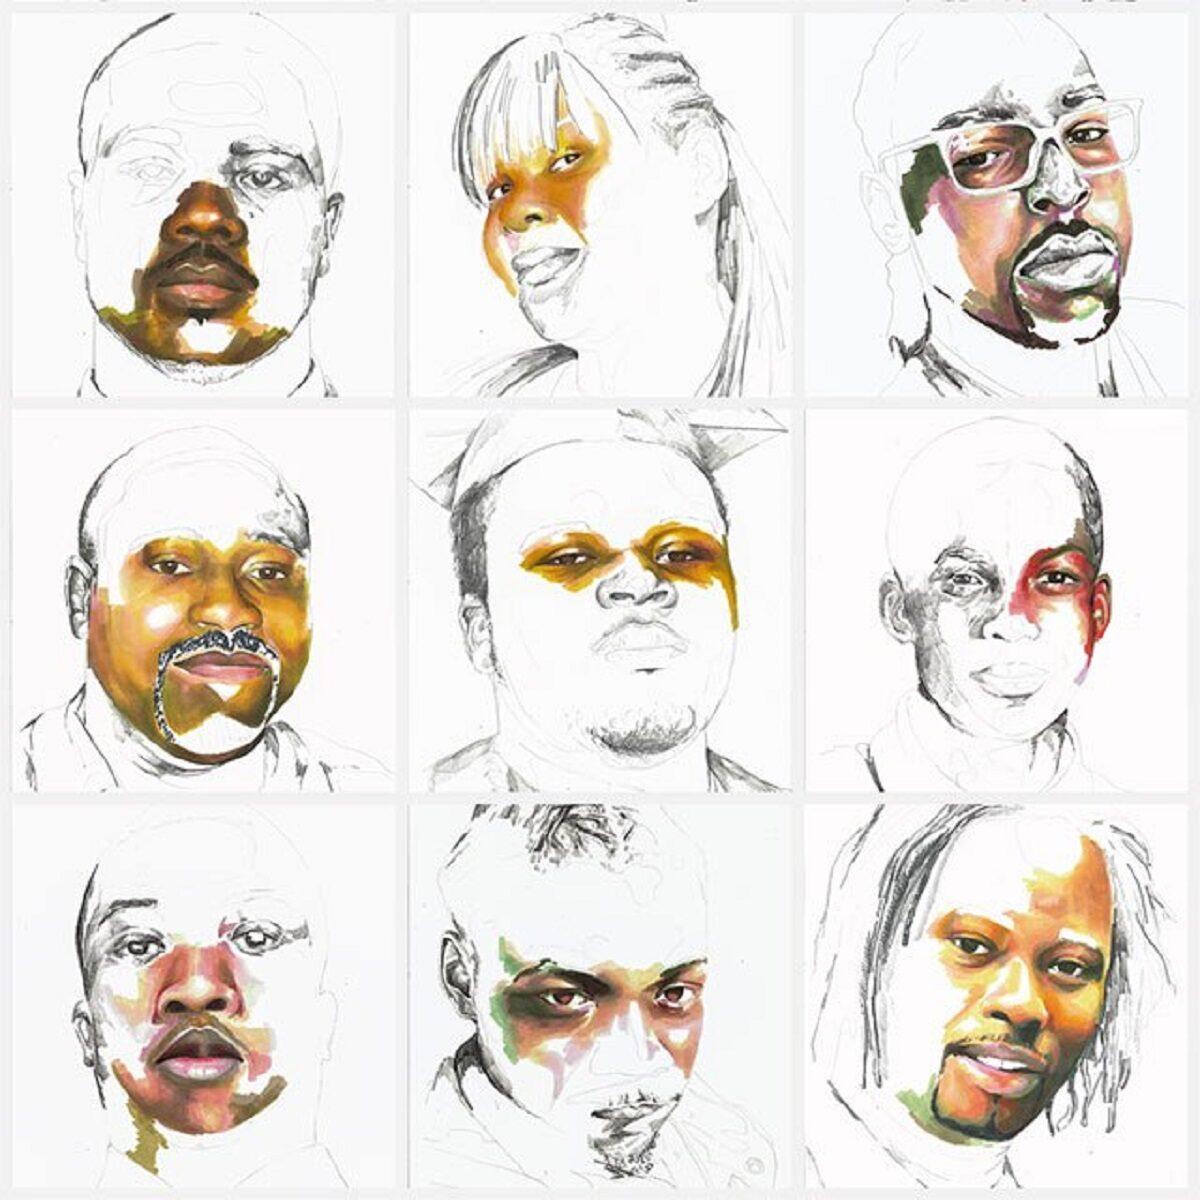 Stolen artista Adrian Brandon cria obra dedicada a negros mortos por policiais 12